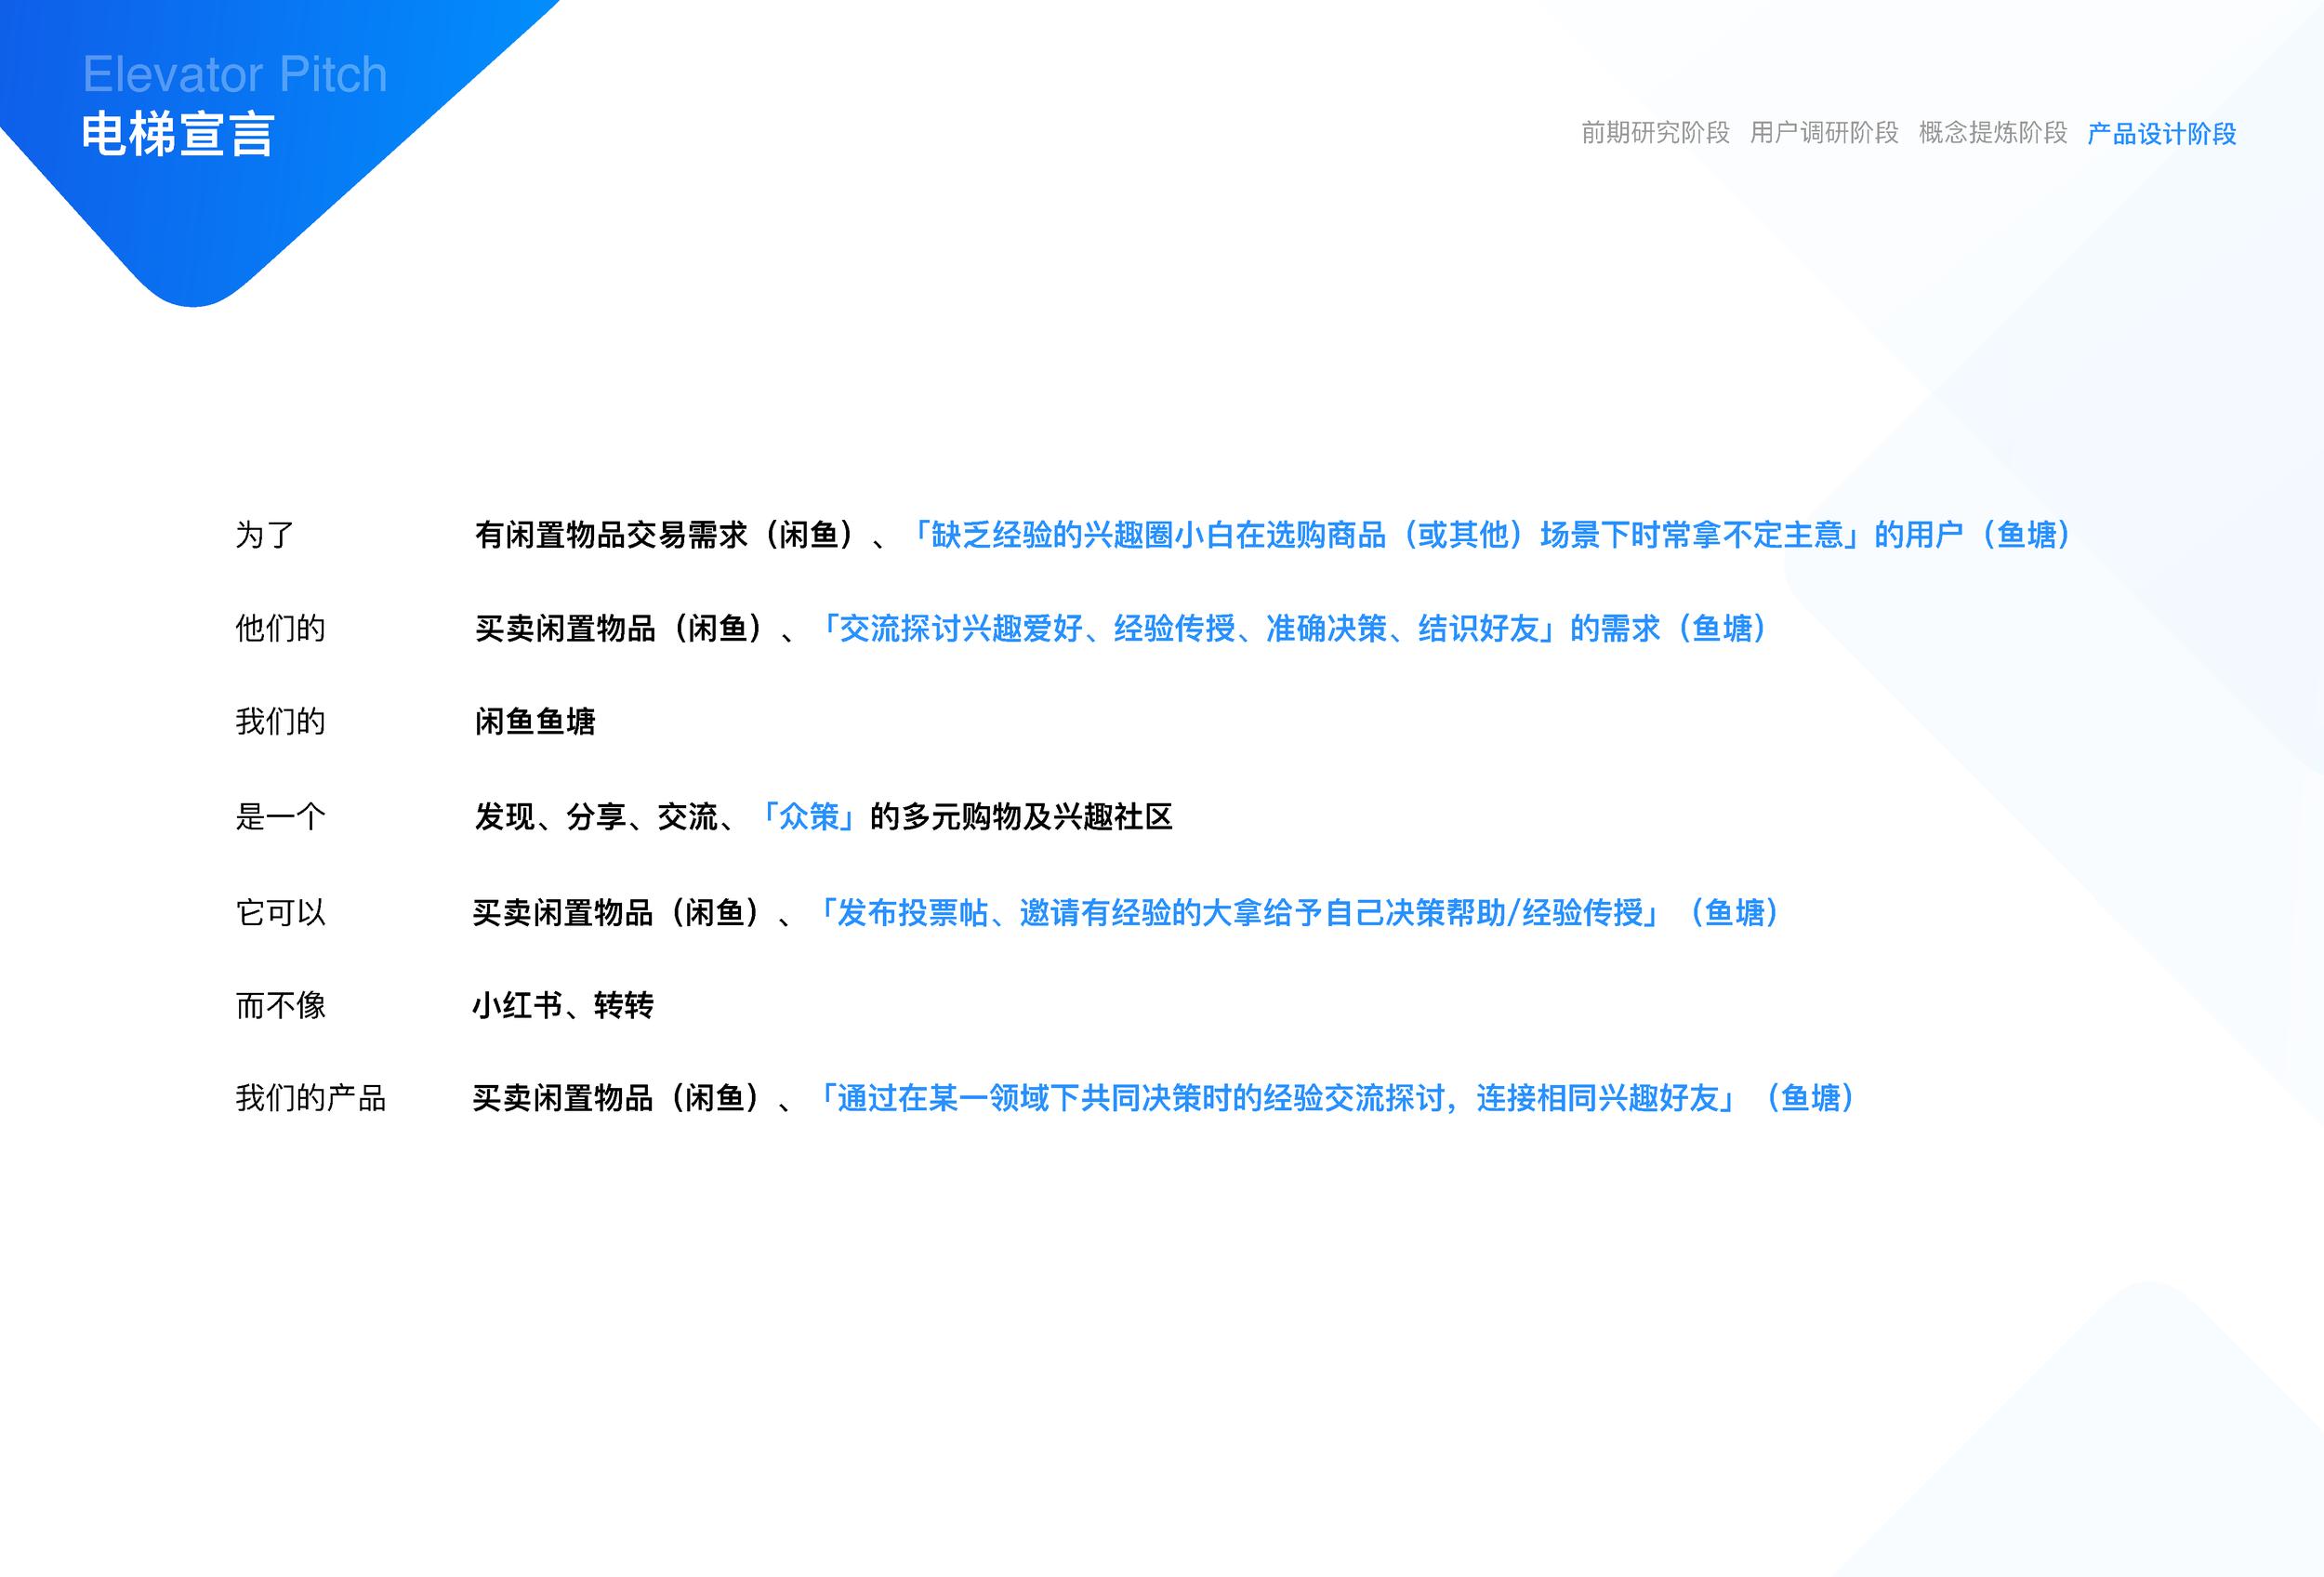 闲鱼社区互动设计(17小组油猫饼)_页面_18.png